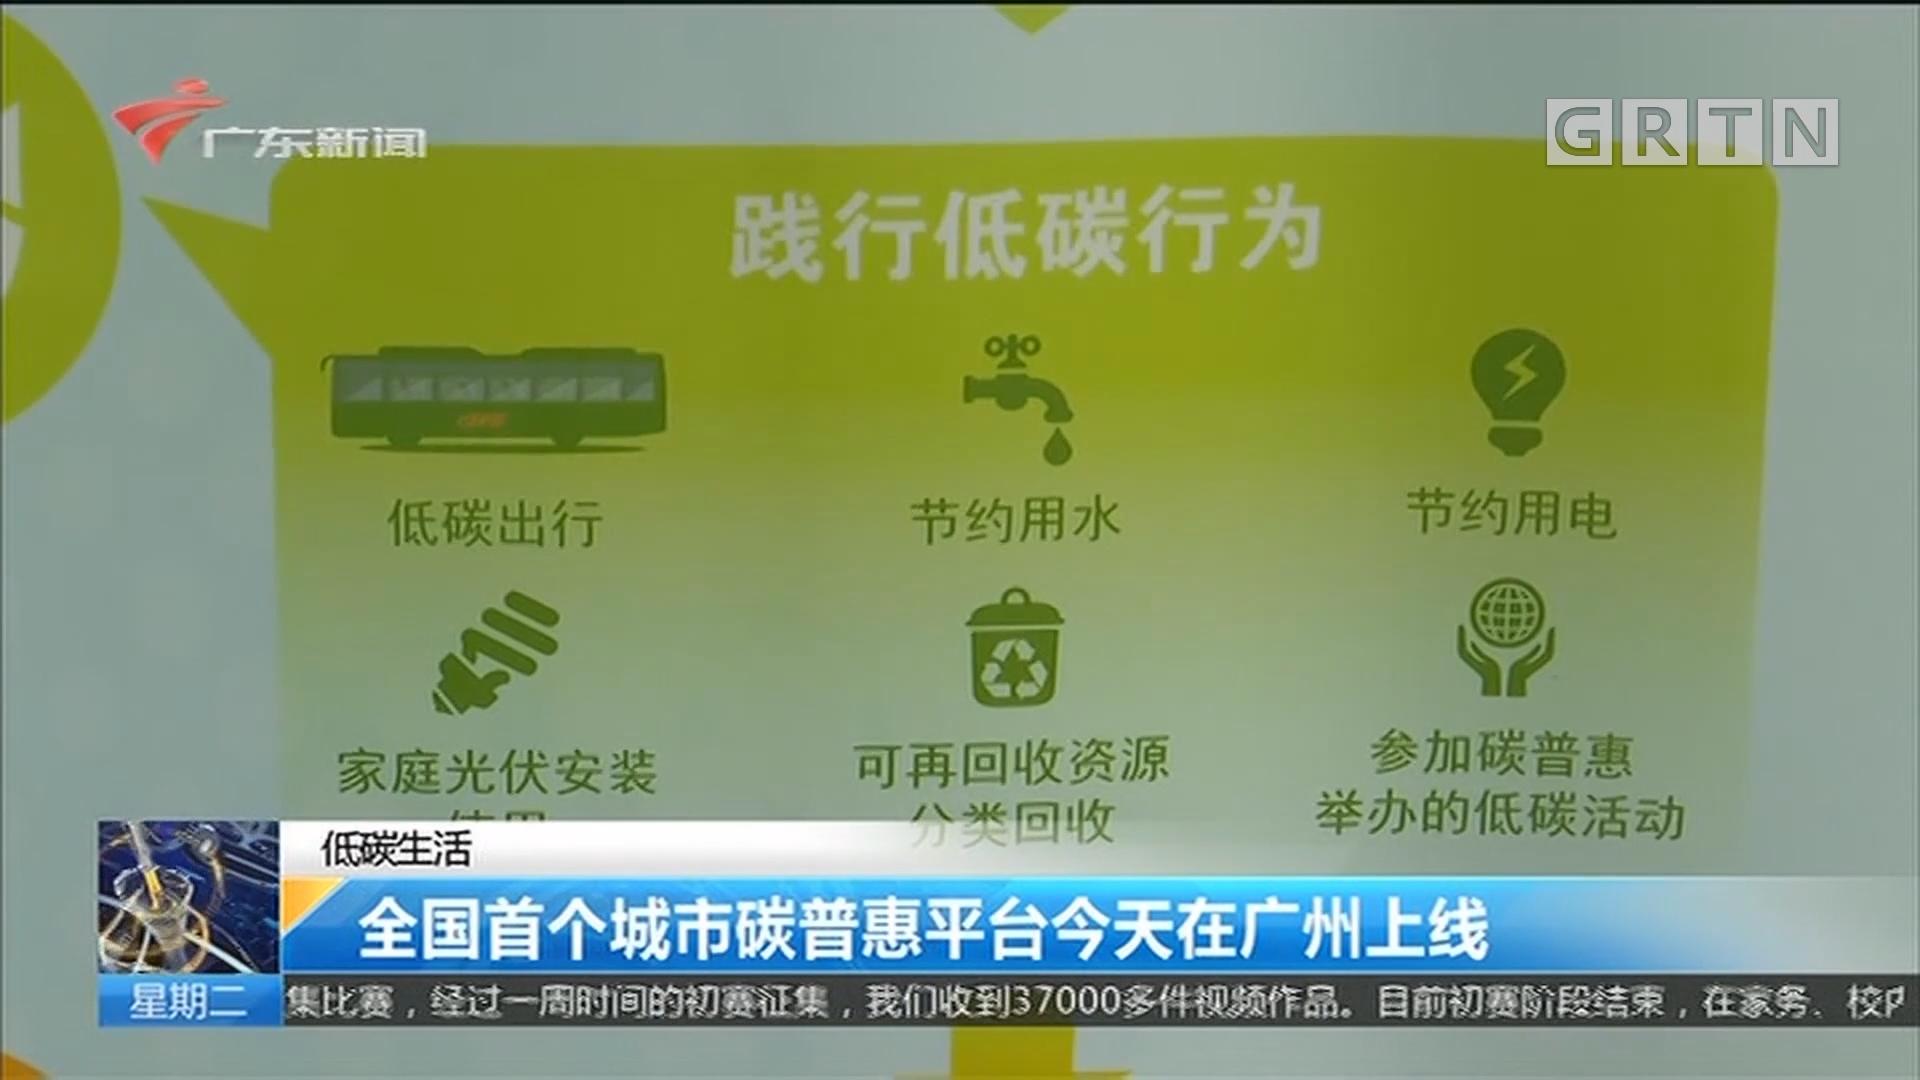 低碳生活:全国首个城市碳普惠平台今天在广州上线